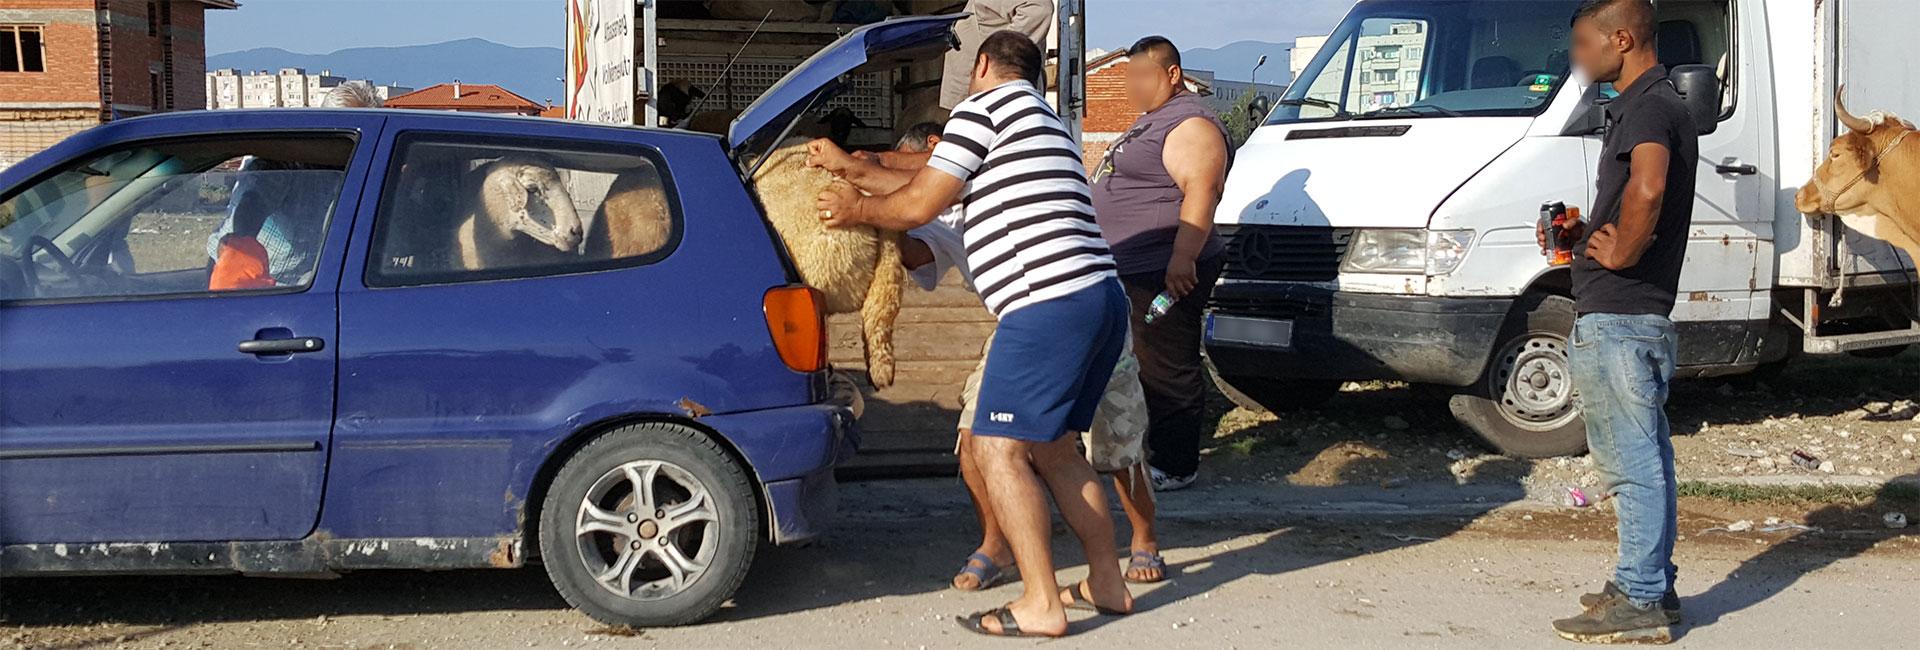 Tiermarkt in Bulgarien: Männer verladen ein Schaf in den Kofferraum eines Pkw